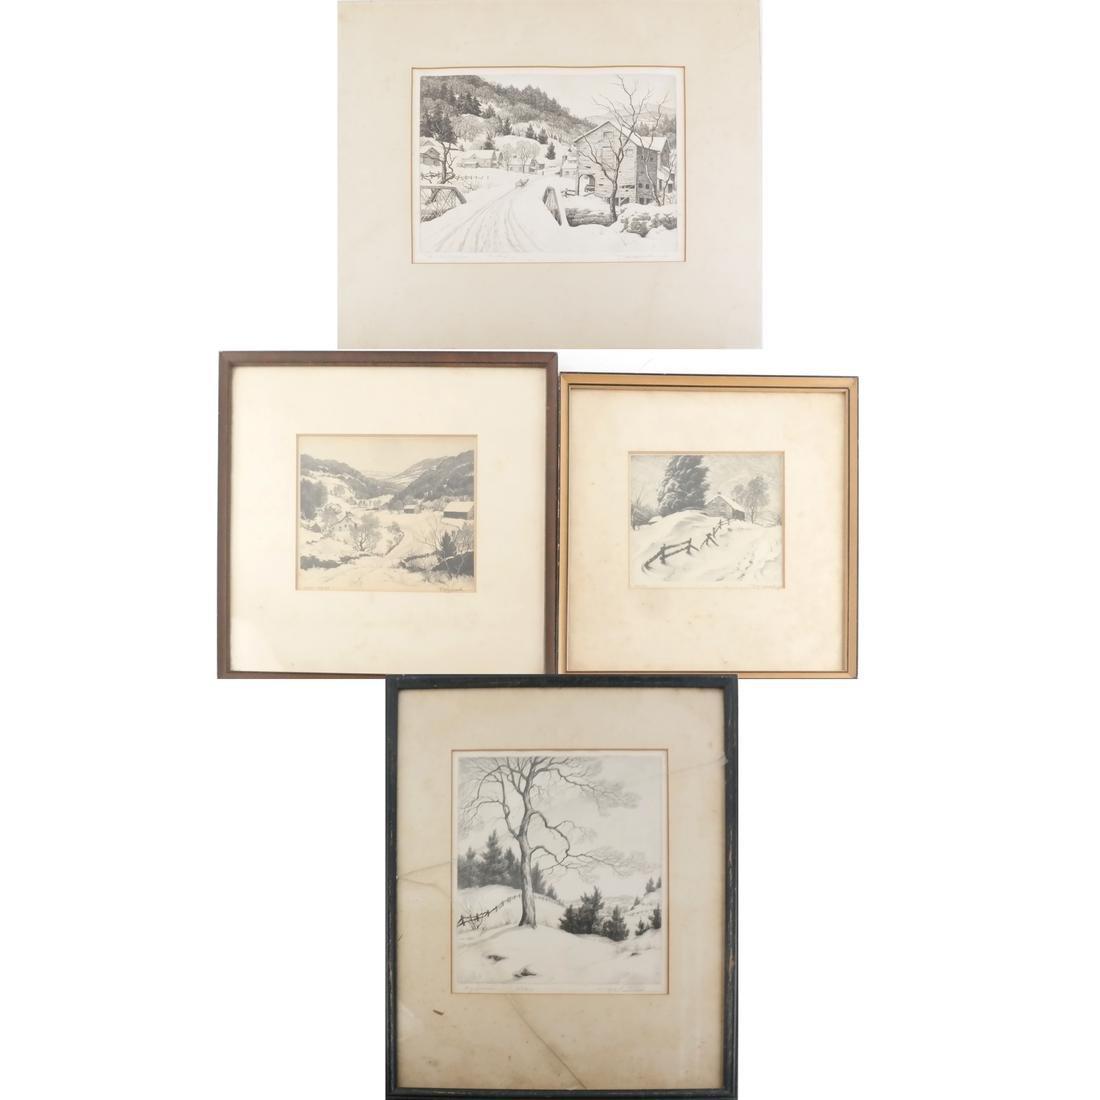 Ronau William Woiceske, Three Etchings